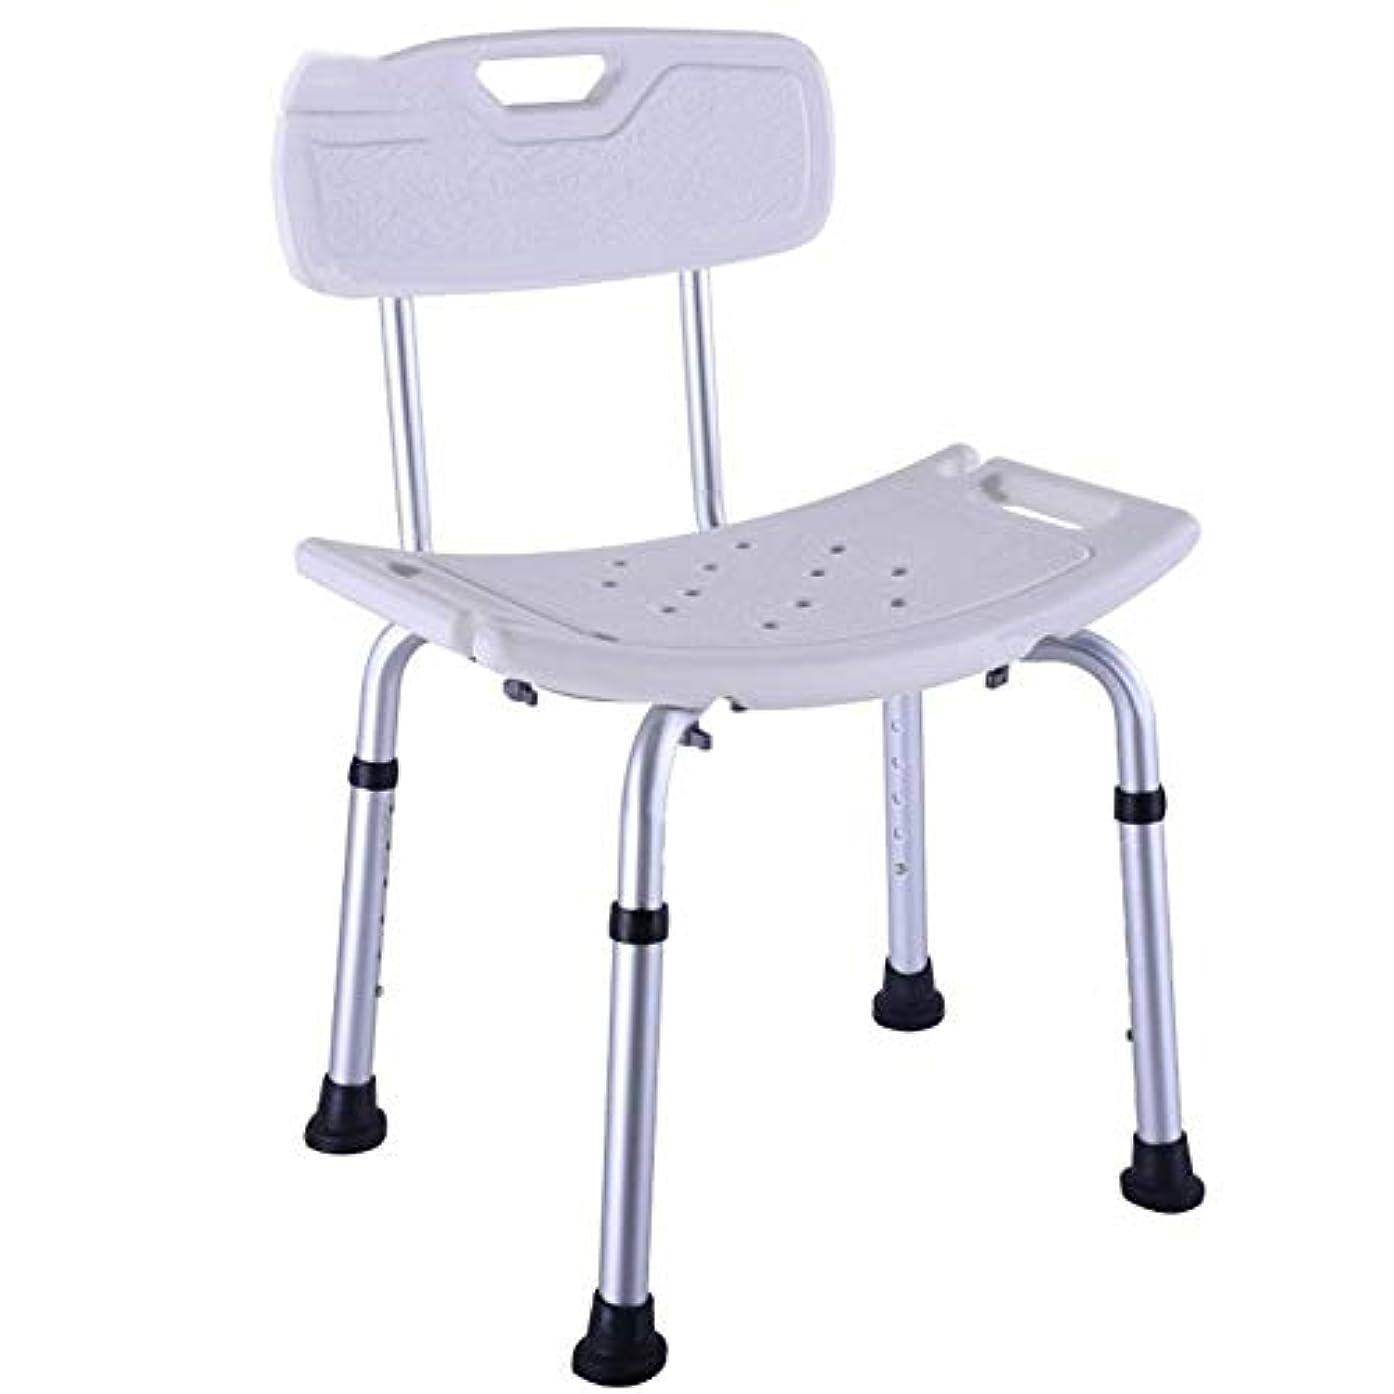 癒す教える略す高齢者のための調節可能な高さのシャワーチェア